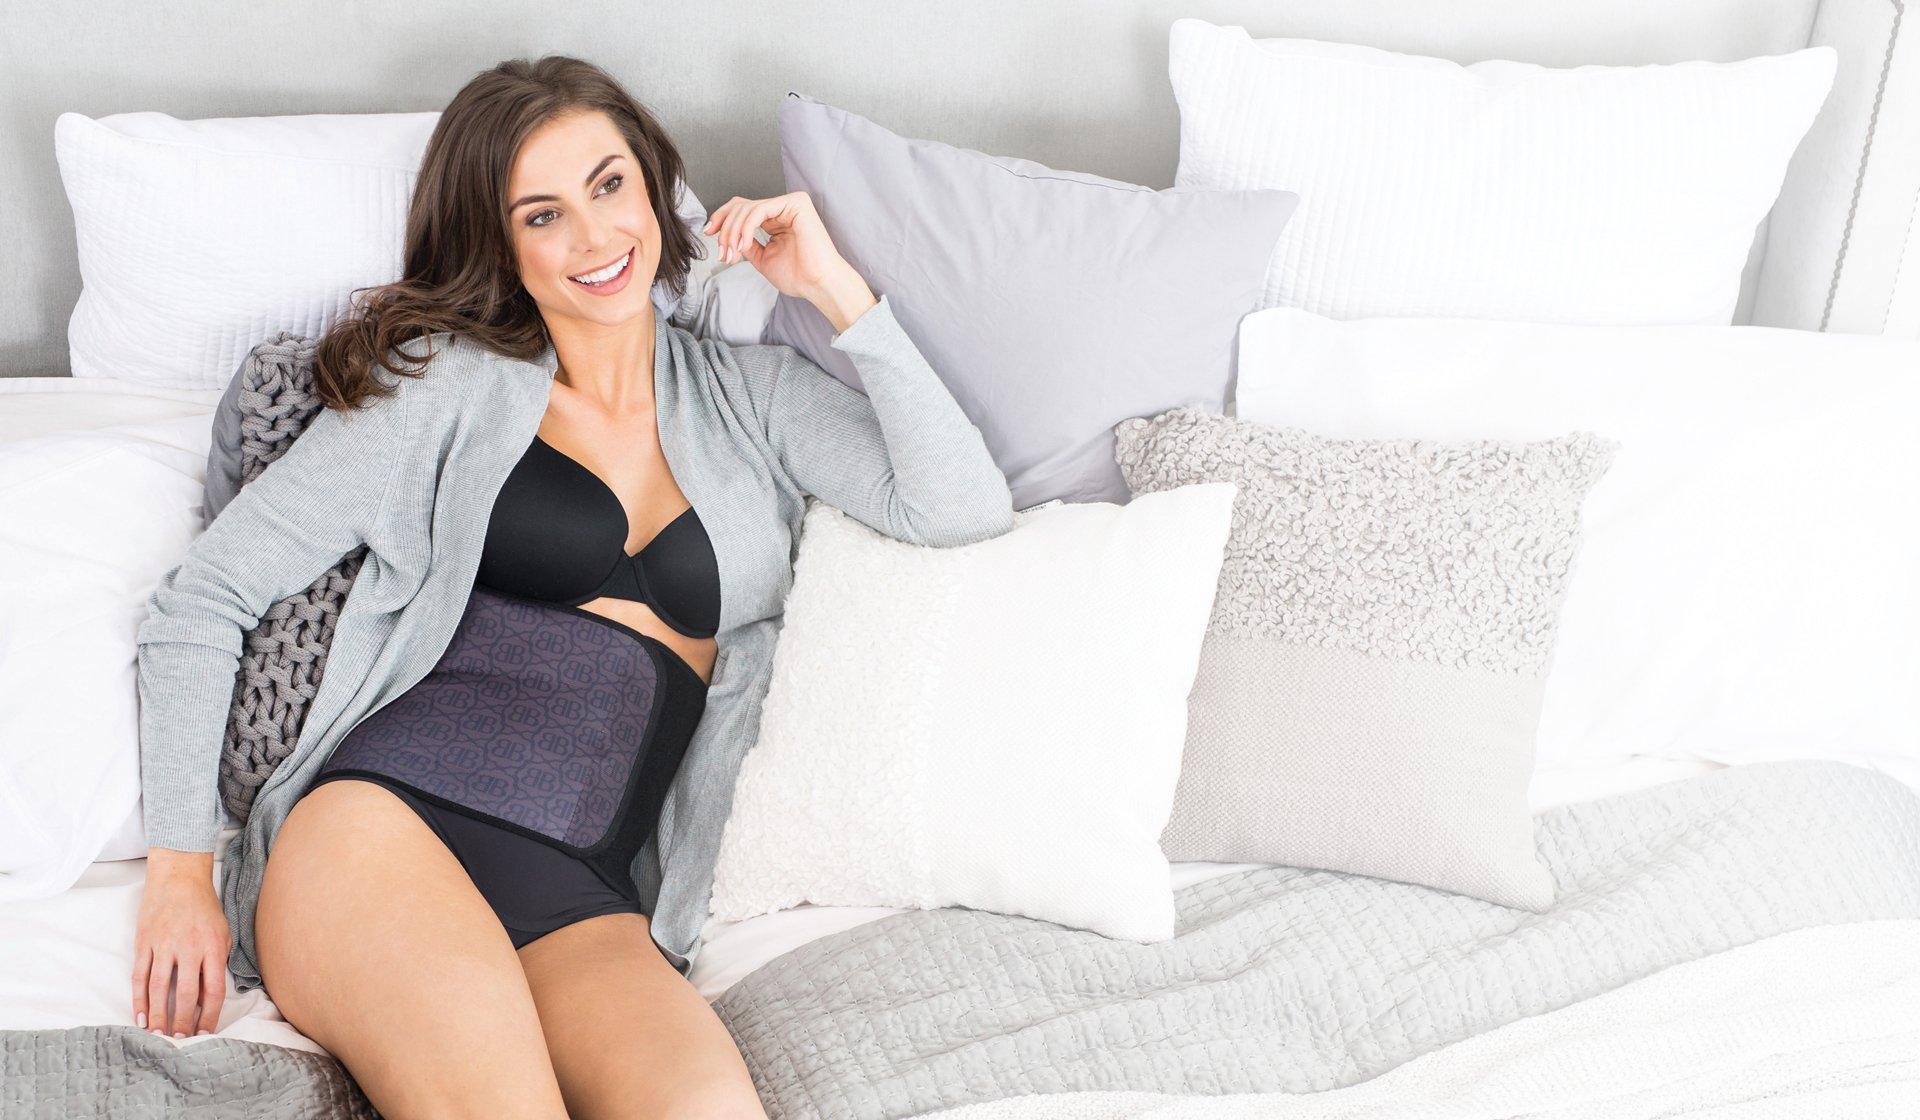 Centurile postnatale - avantaje pentru refacerea rapida dupa nastere I Femmeboutiquemedical.com